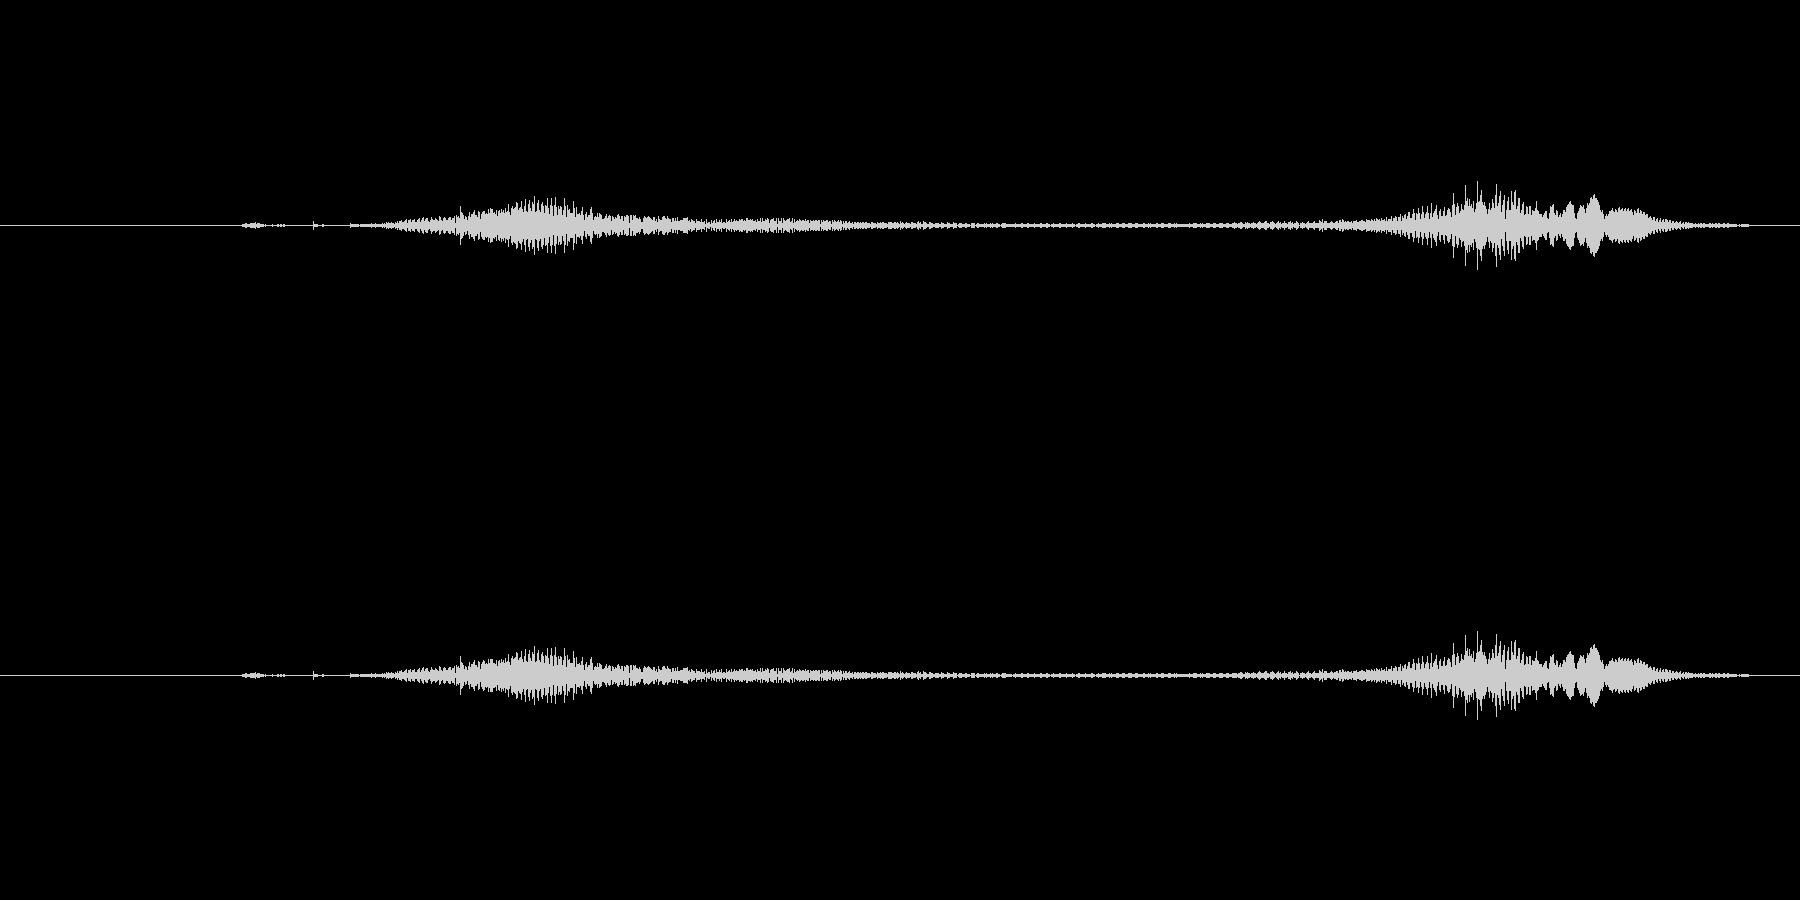 ニャー_猫声-34の未再生の波形